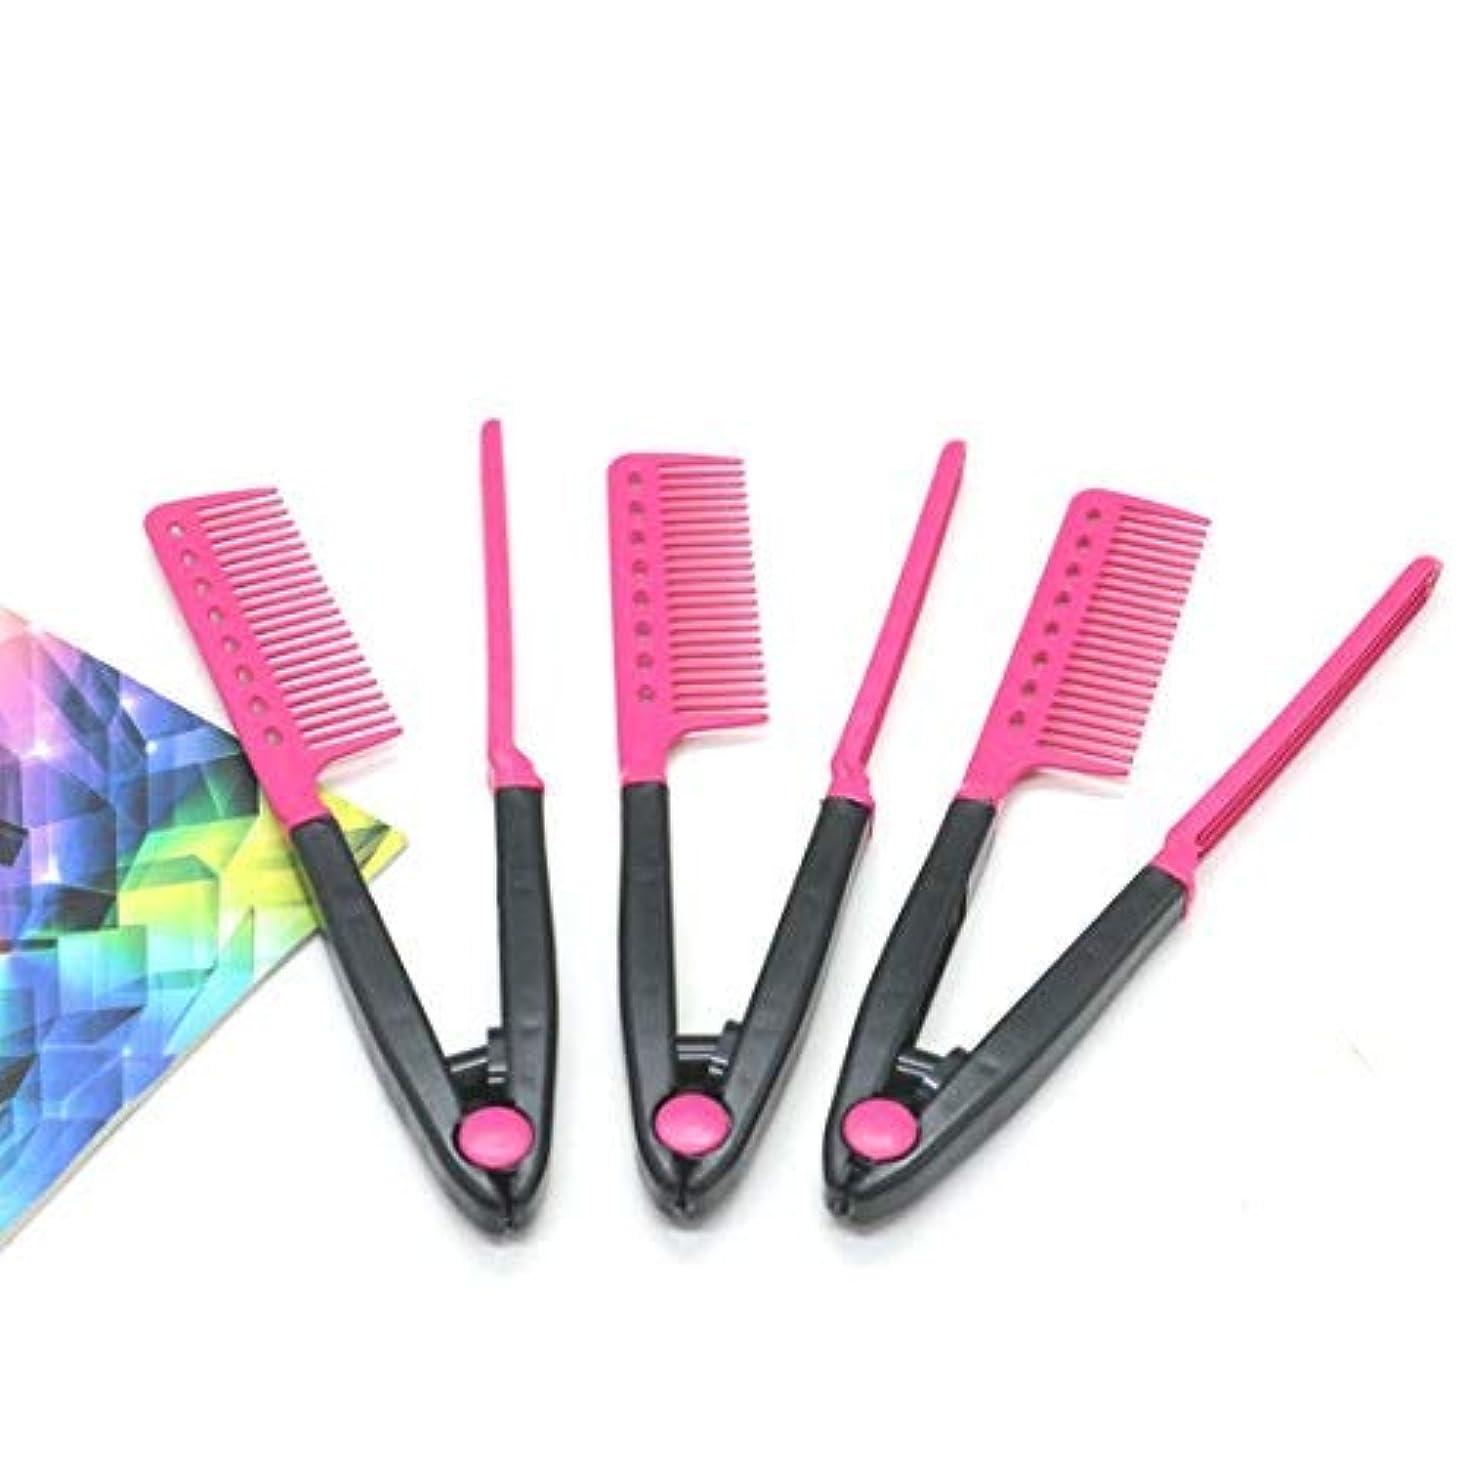 ナイトスポットインスタントバスタブPack Of 3 DIY Hair Straightener V Shape Comb By IDS [並行輸入品]